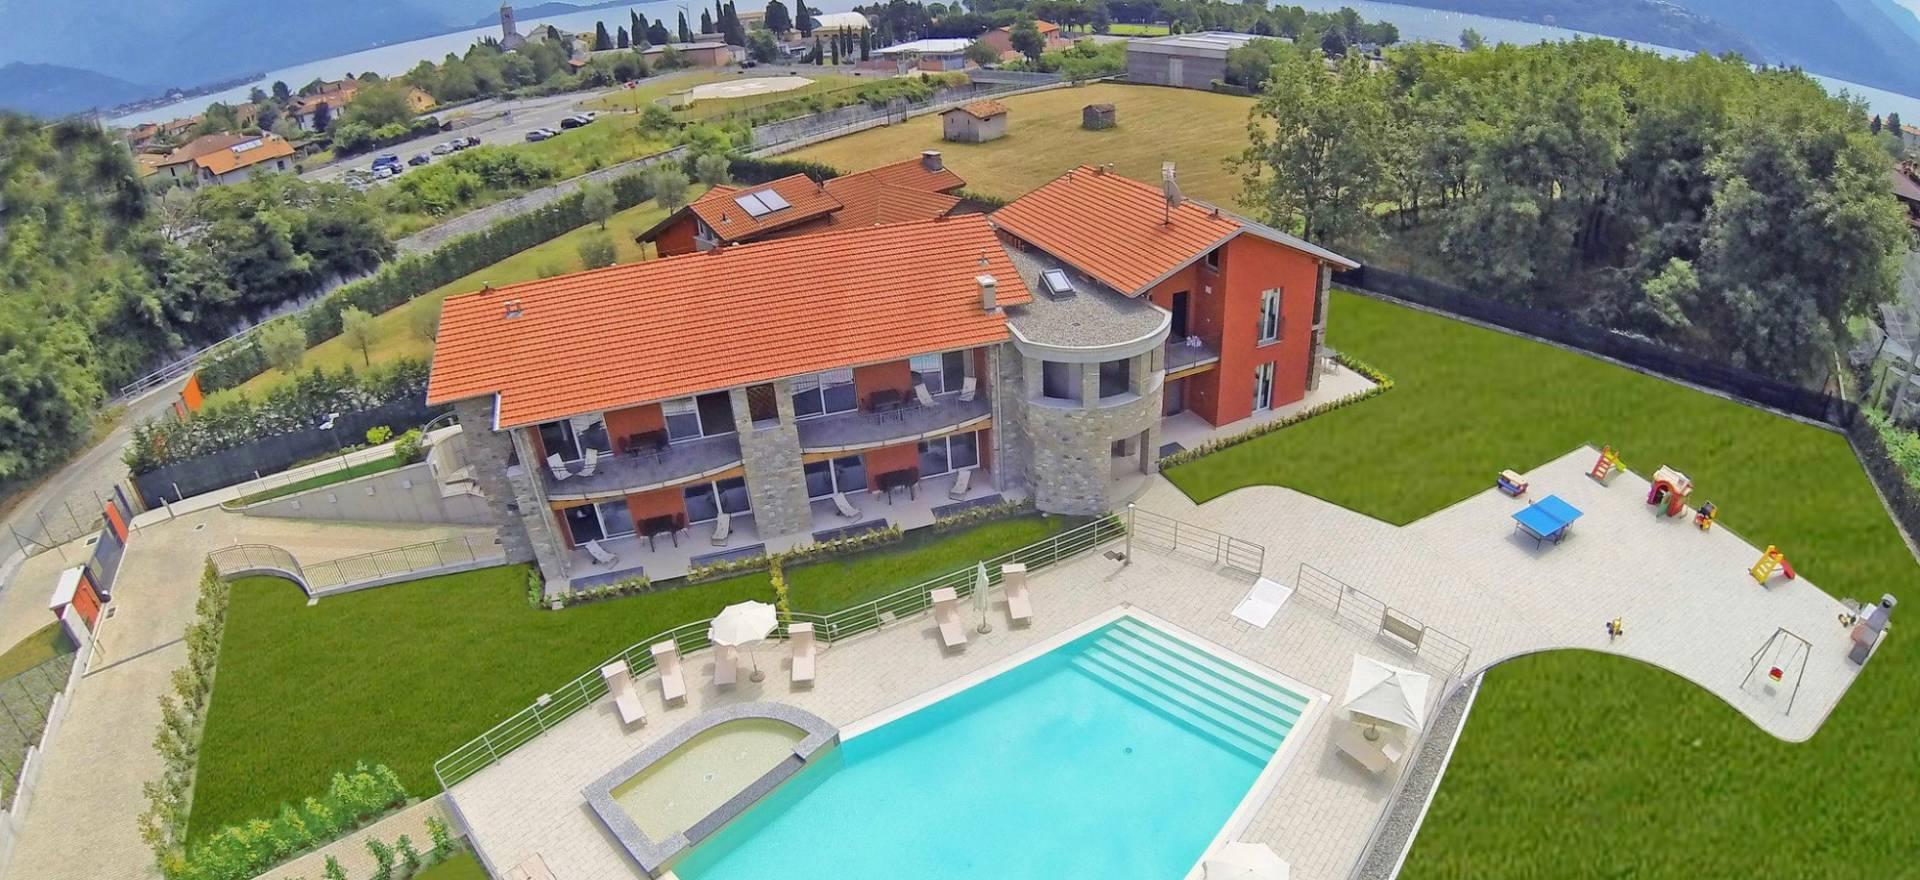 Agriturismo Lago di Como e lago di Garda Residence lago di Como con piscina, adatto ai bambini